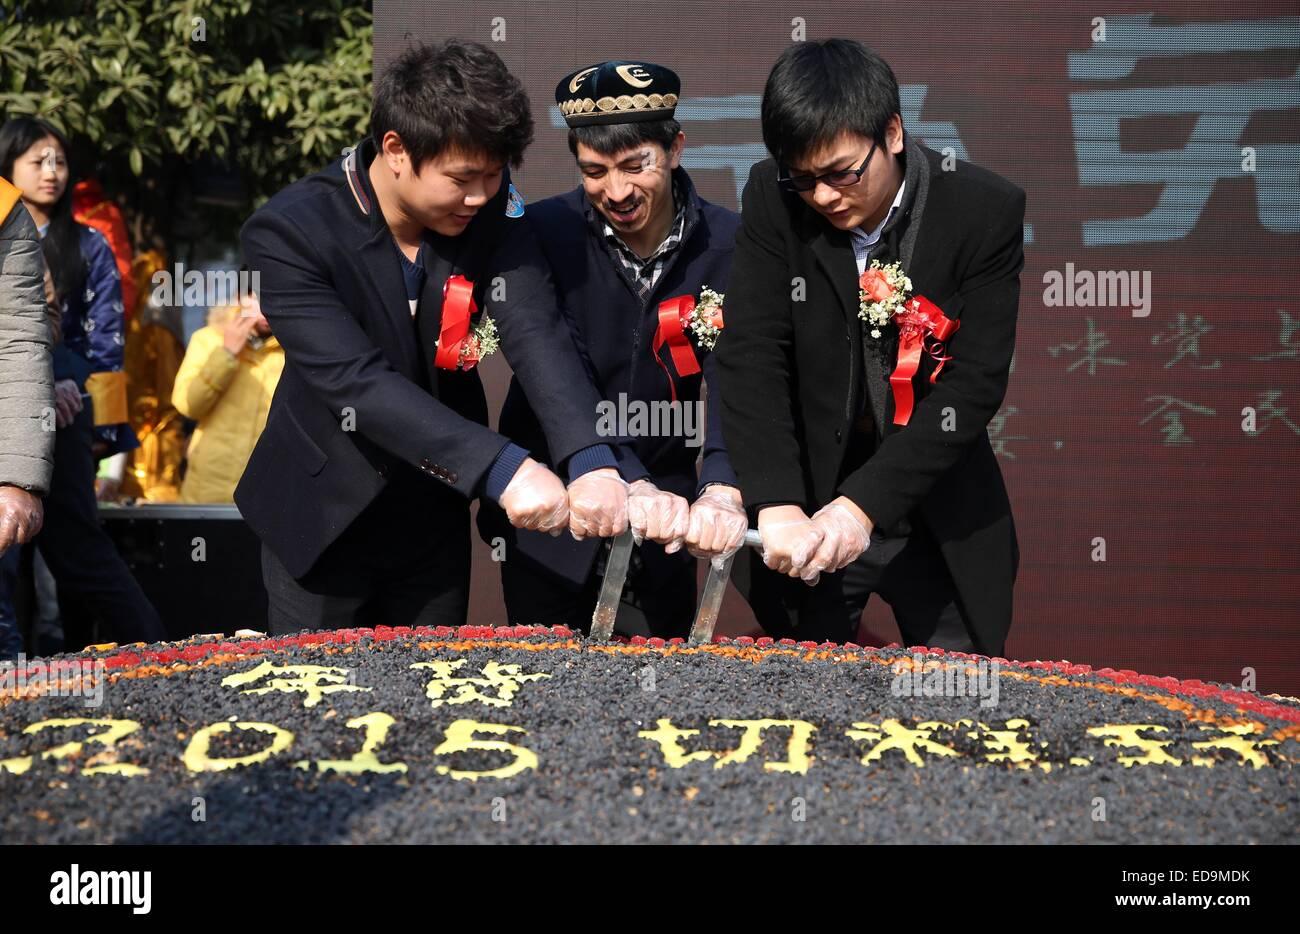 150103)--CHANGSHA, 3. Januar 2015 (Xinhua)--Adil Memettur (C) und ...